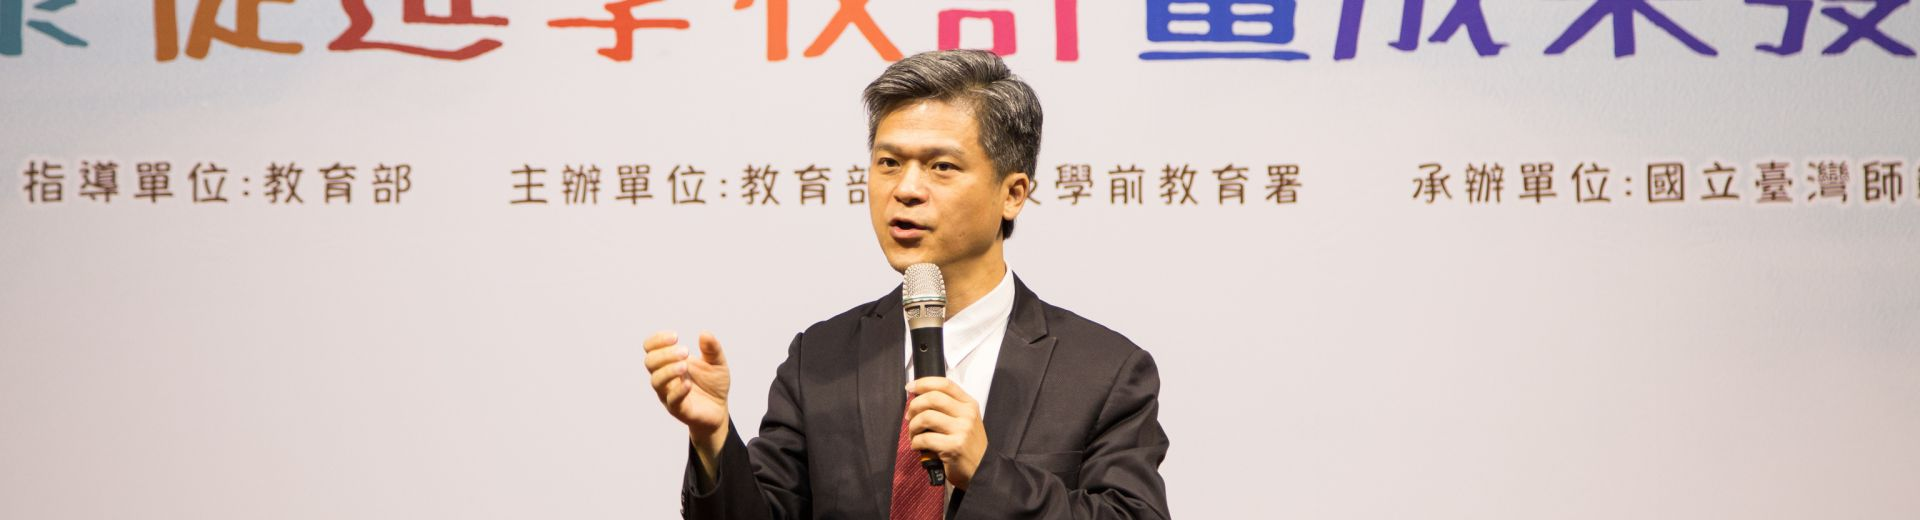 107學年度成果發表會-彭富源署長